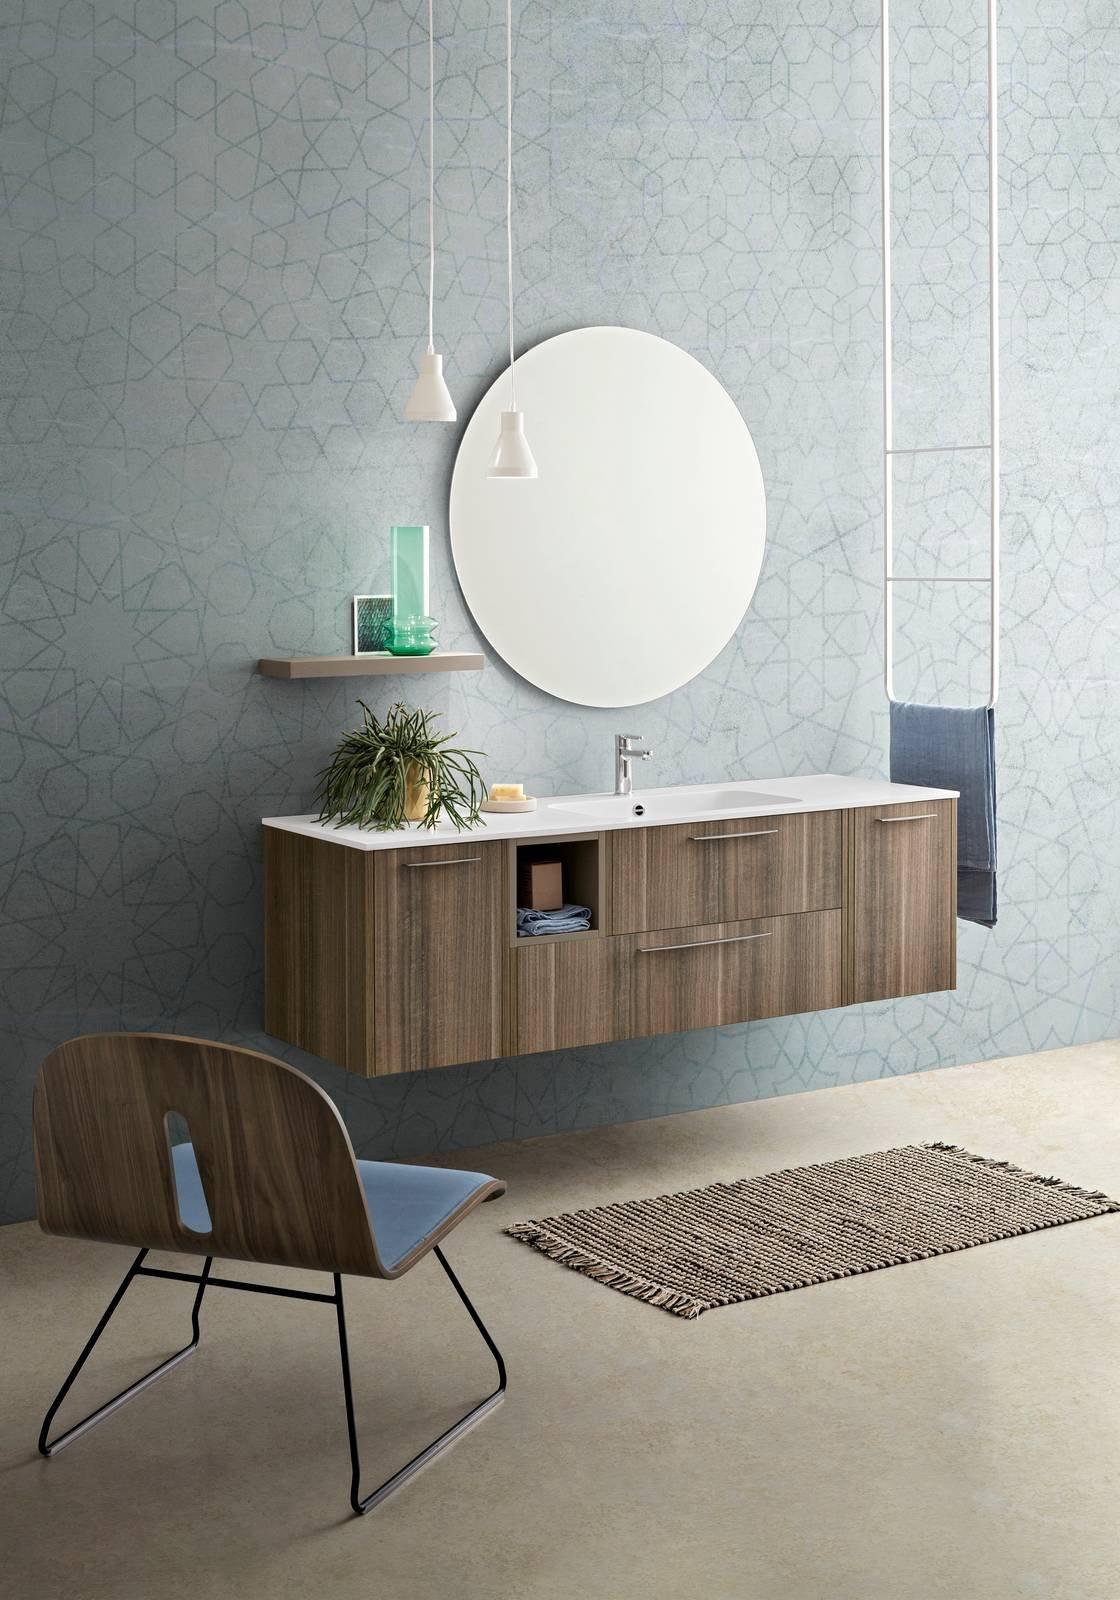 Novit per l arredobagno cerasa presenta velvet cose di casa - Specchi retroilluminati per bagno ...